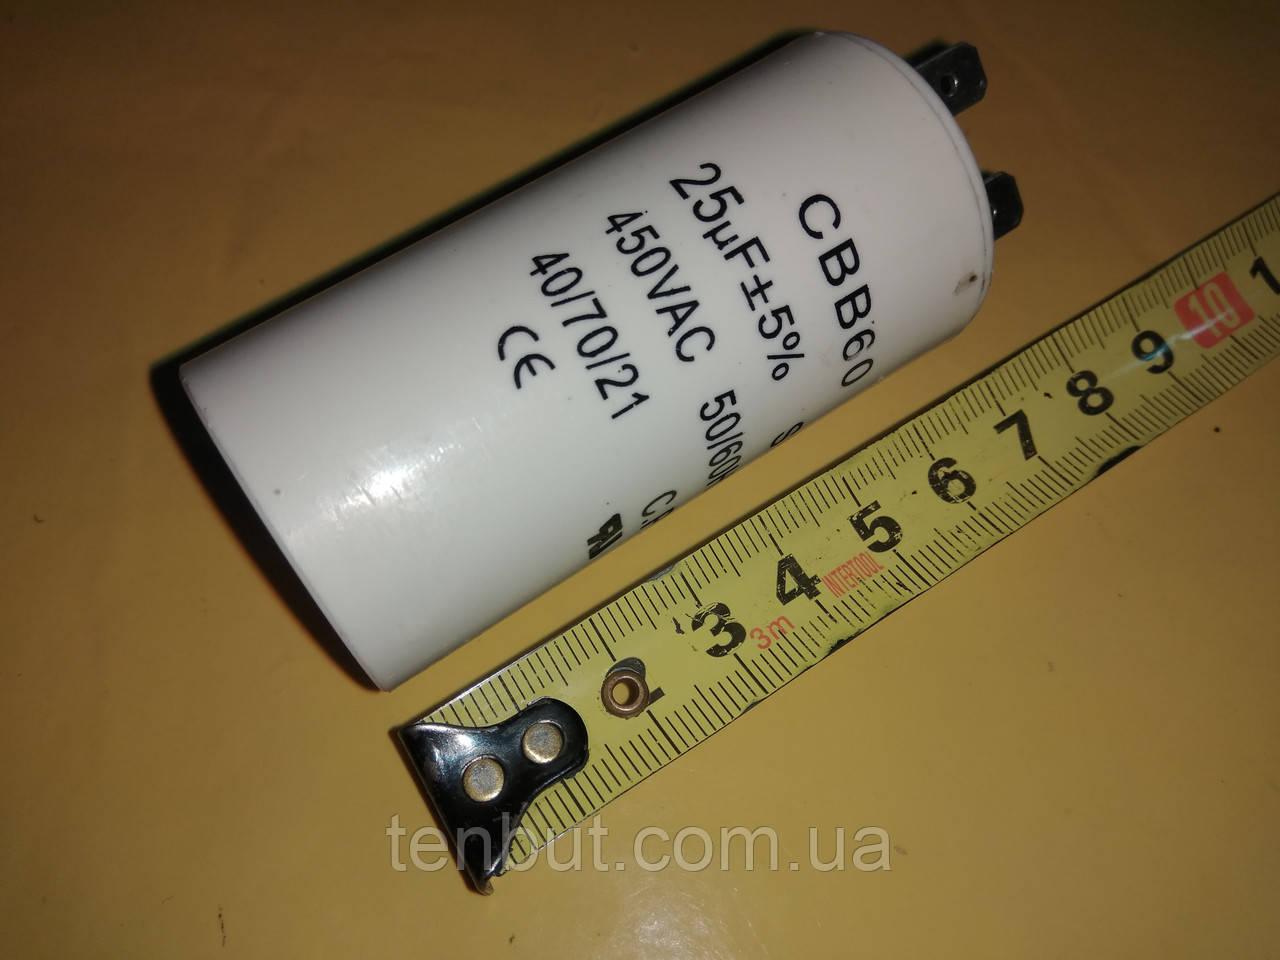 Конденсатор рабочий CBB60 / 25 мкФ±5% / 450 В. / 50/60 Hz .